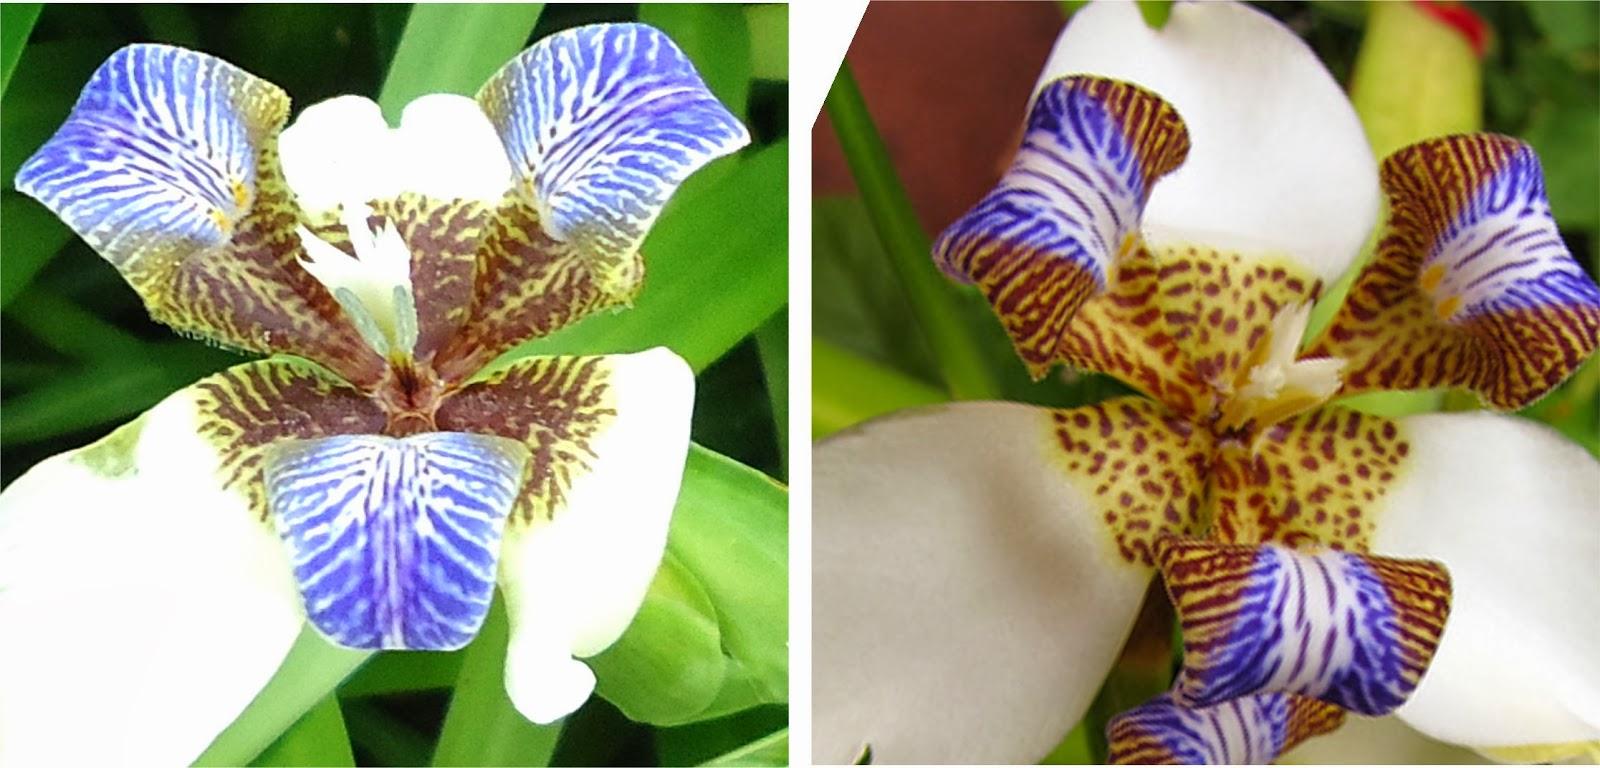 Las flores son de muy corta duración pero como la floración es prolongada siempre habrá flores en la planta a pesar de que éstas se marchitan rápidamente.